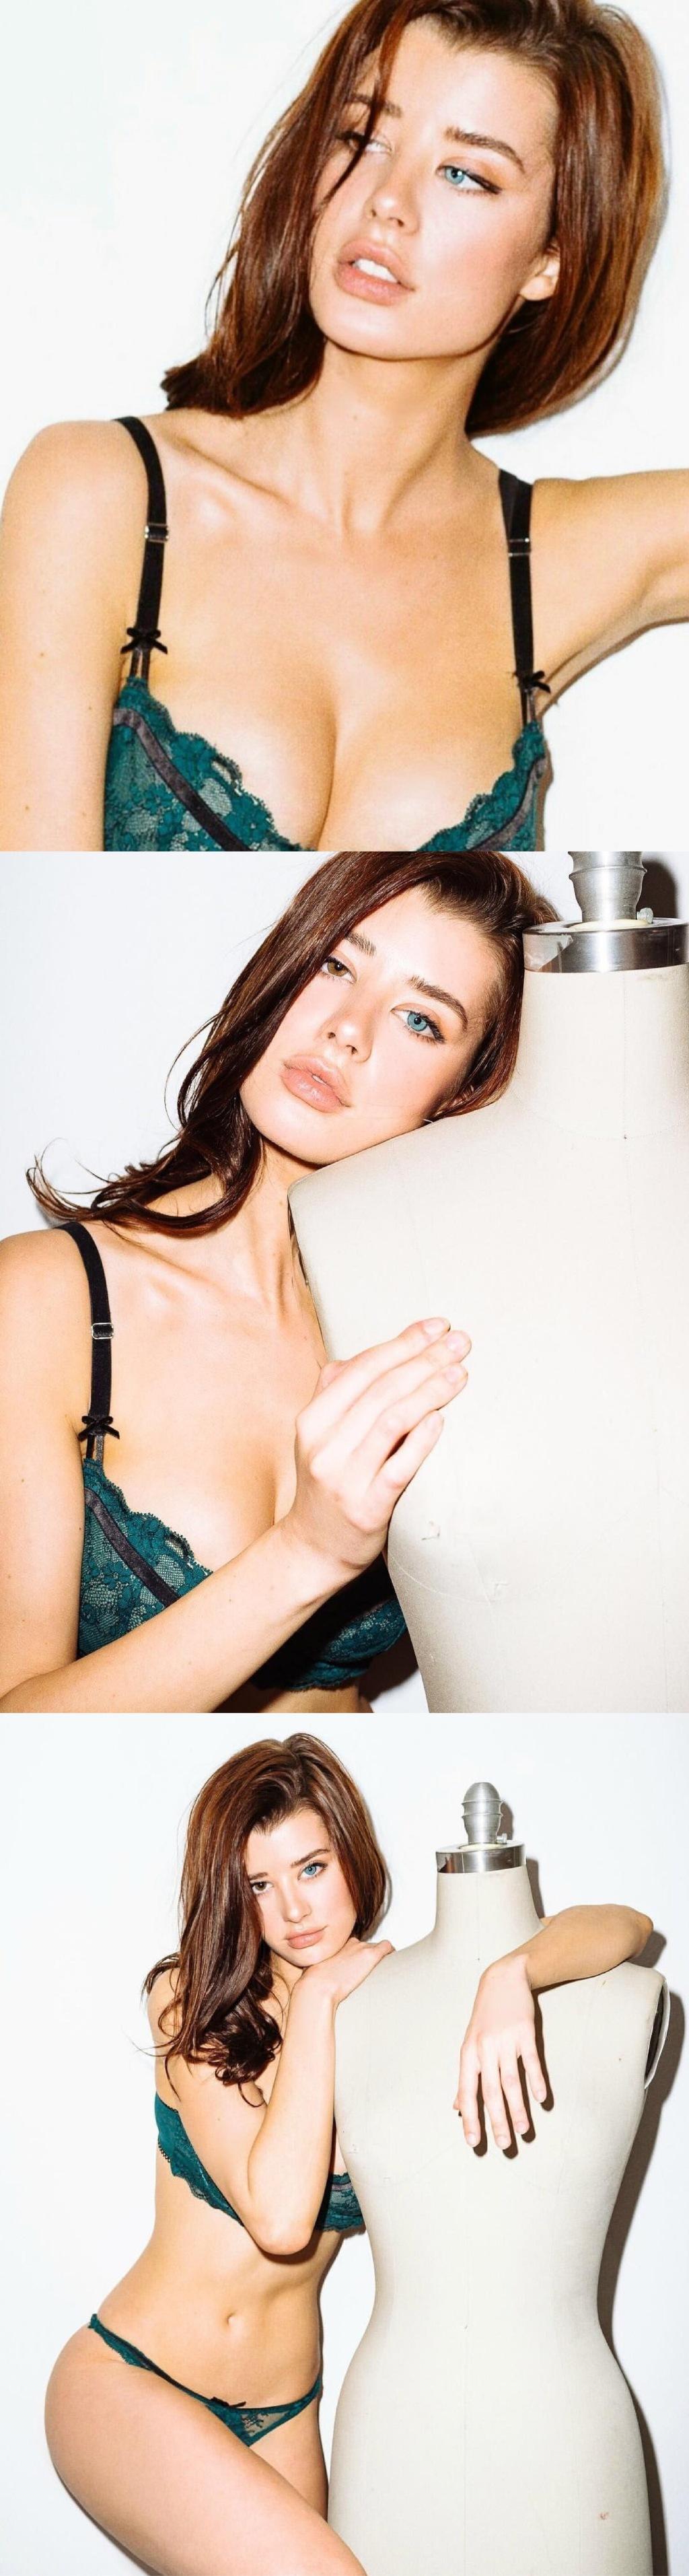 美国模特Sarah McDaniel,天生异色瞳!